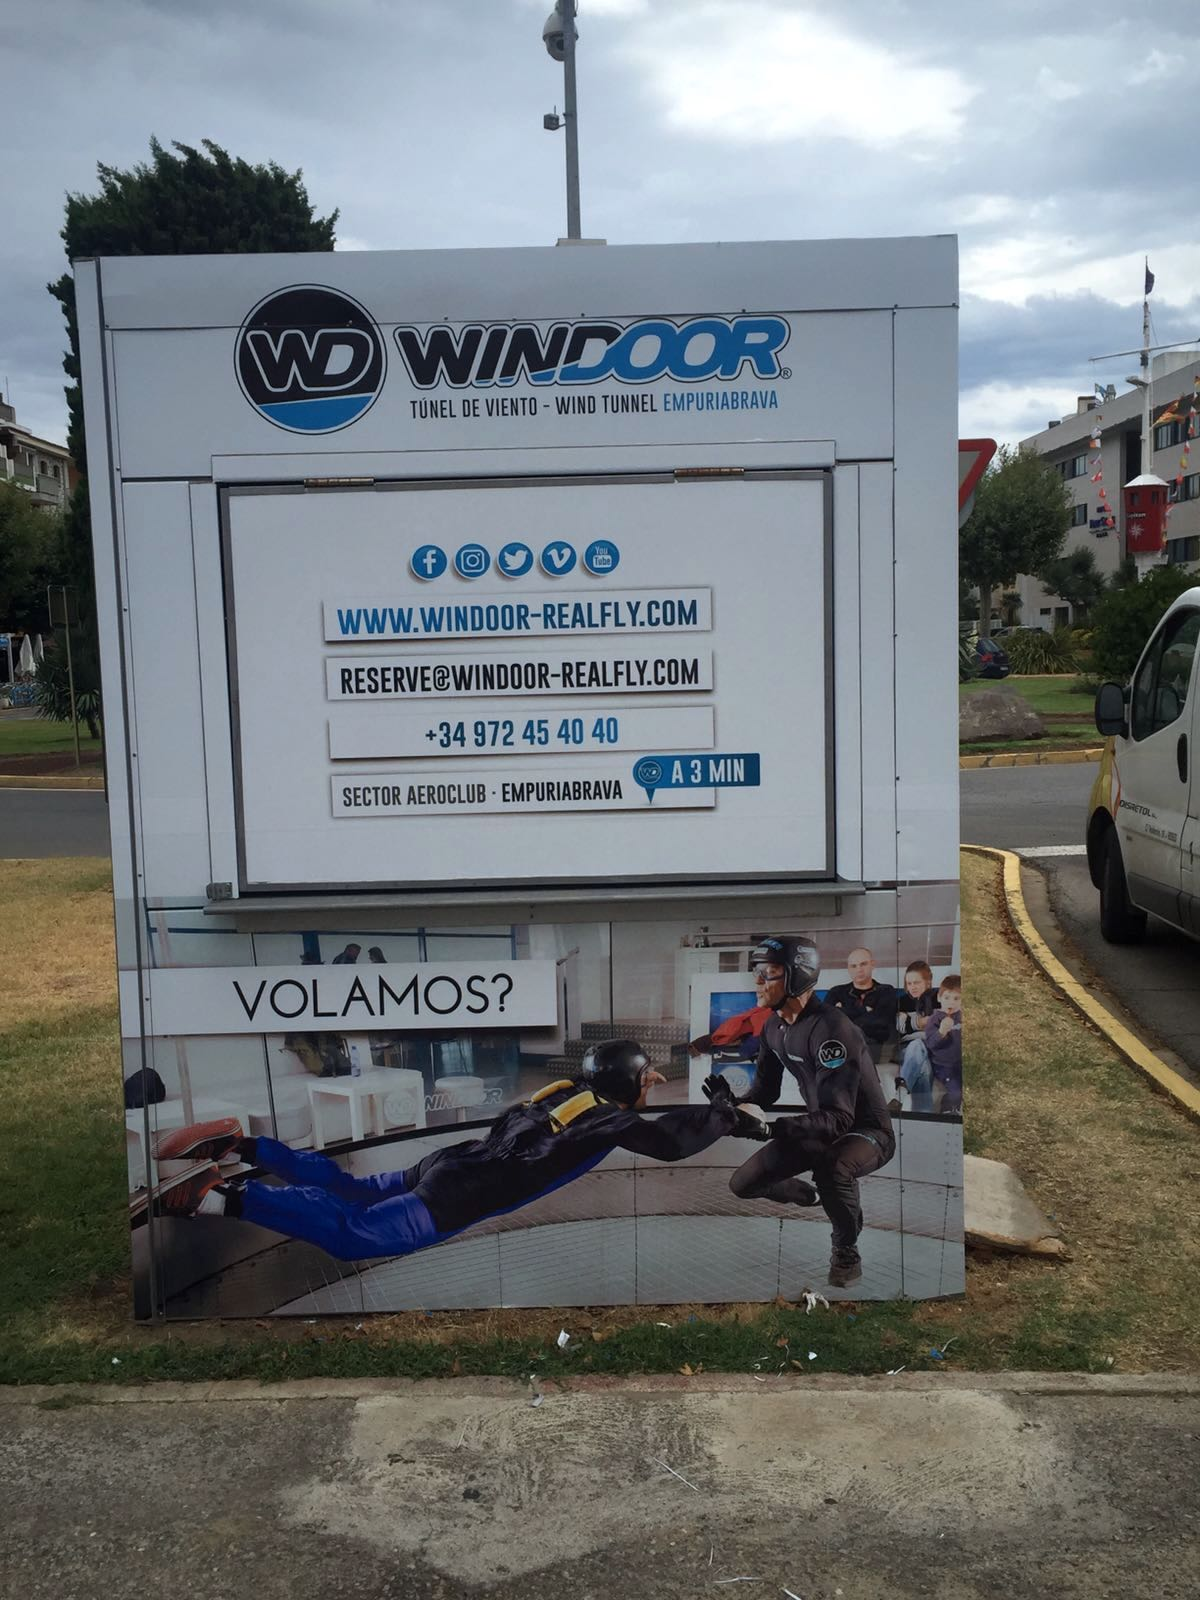 WINDOOR3 - WINDOOR3